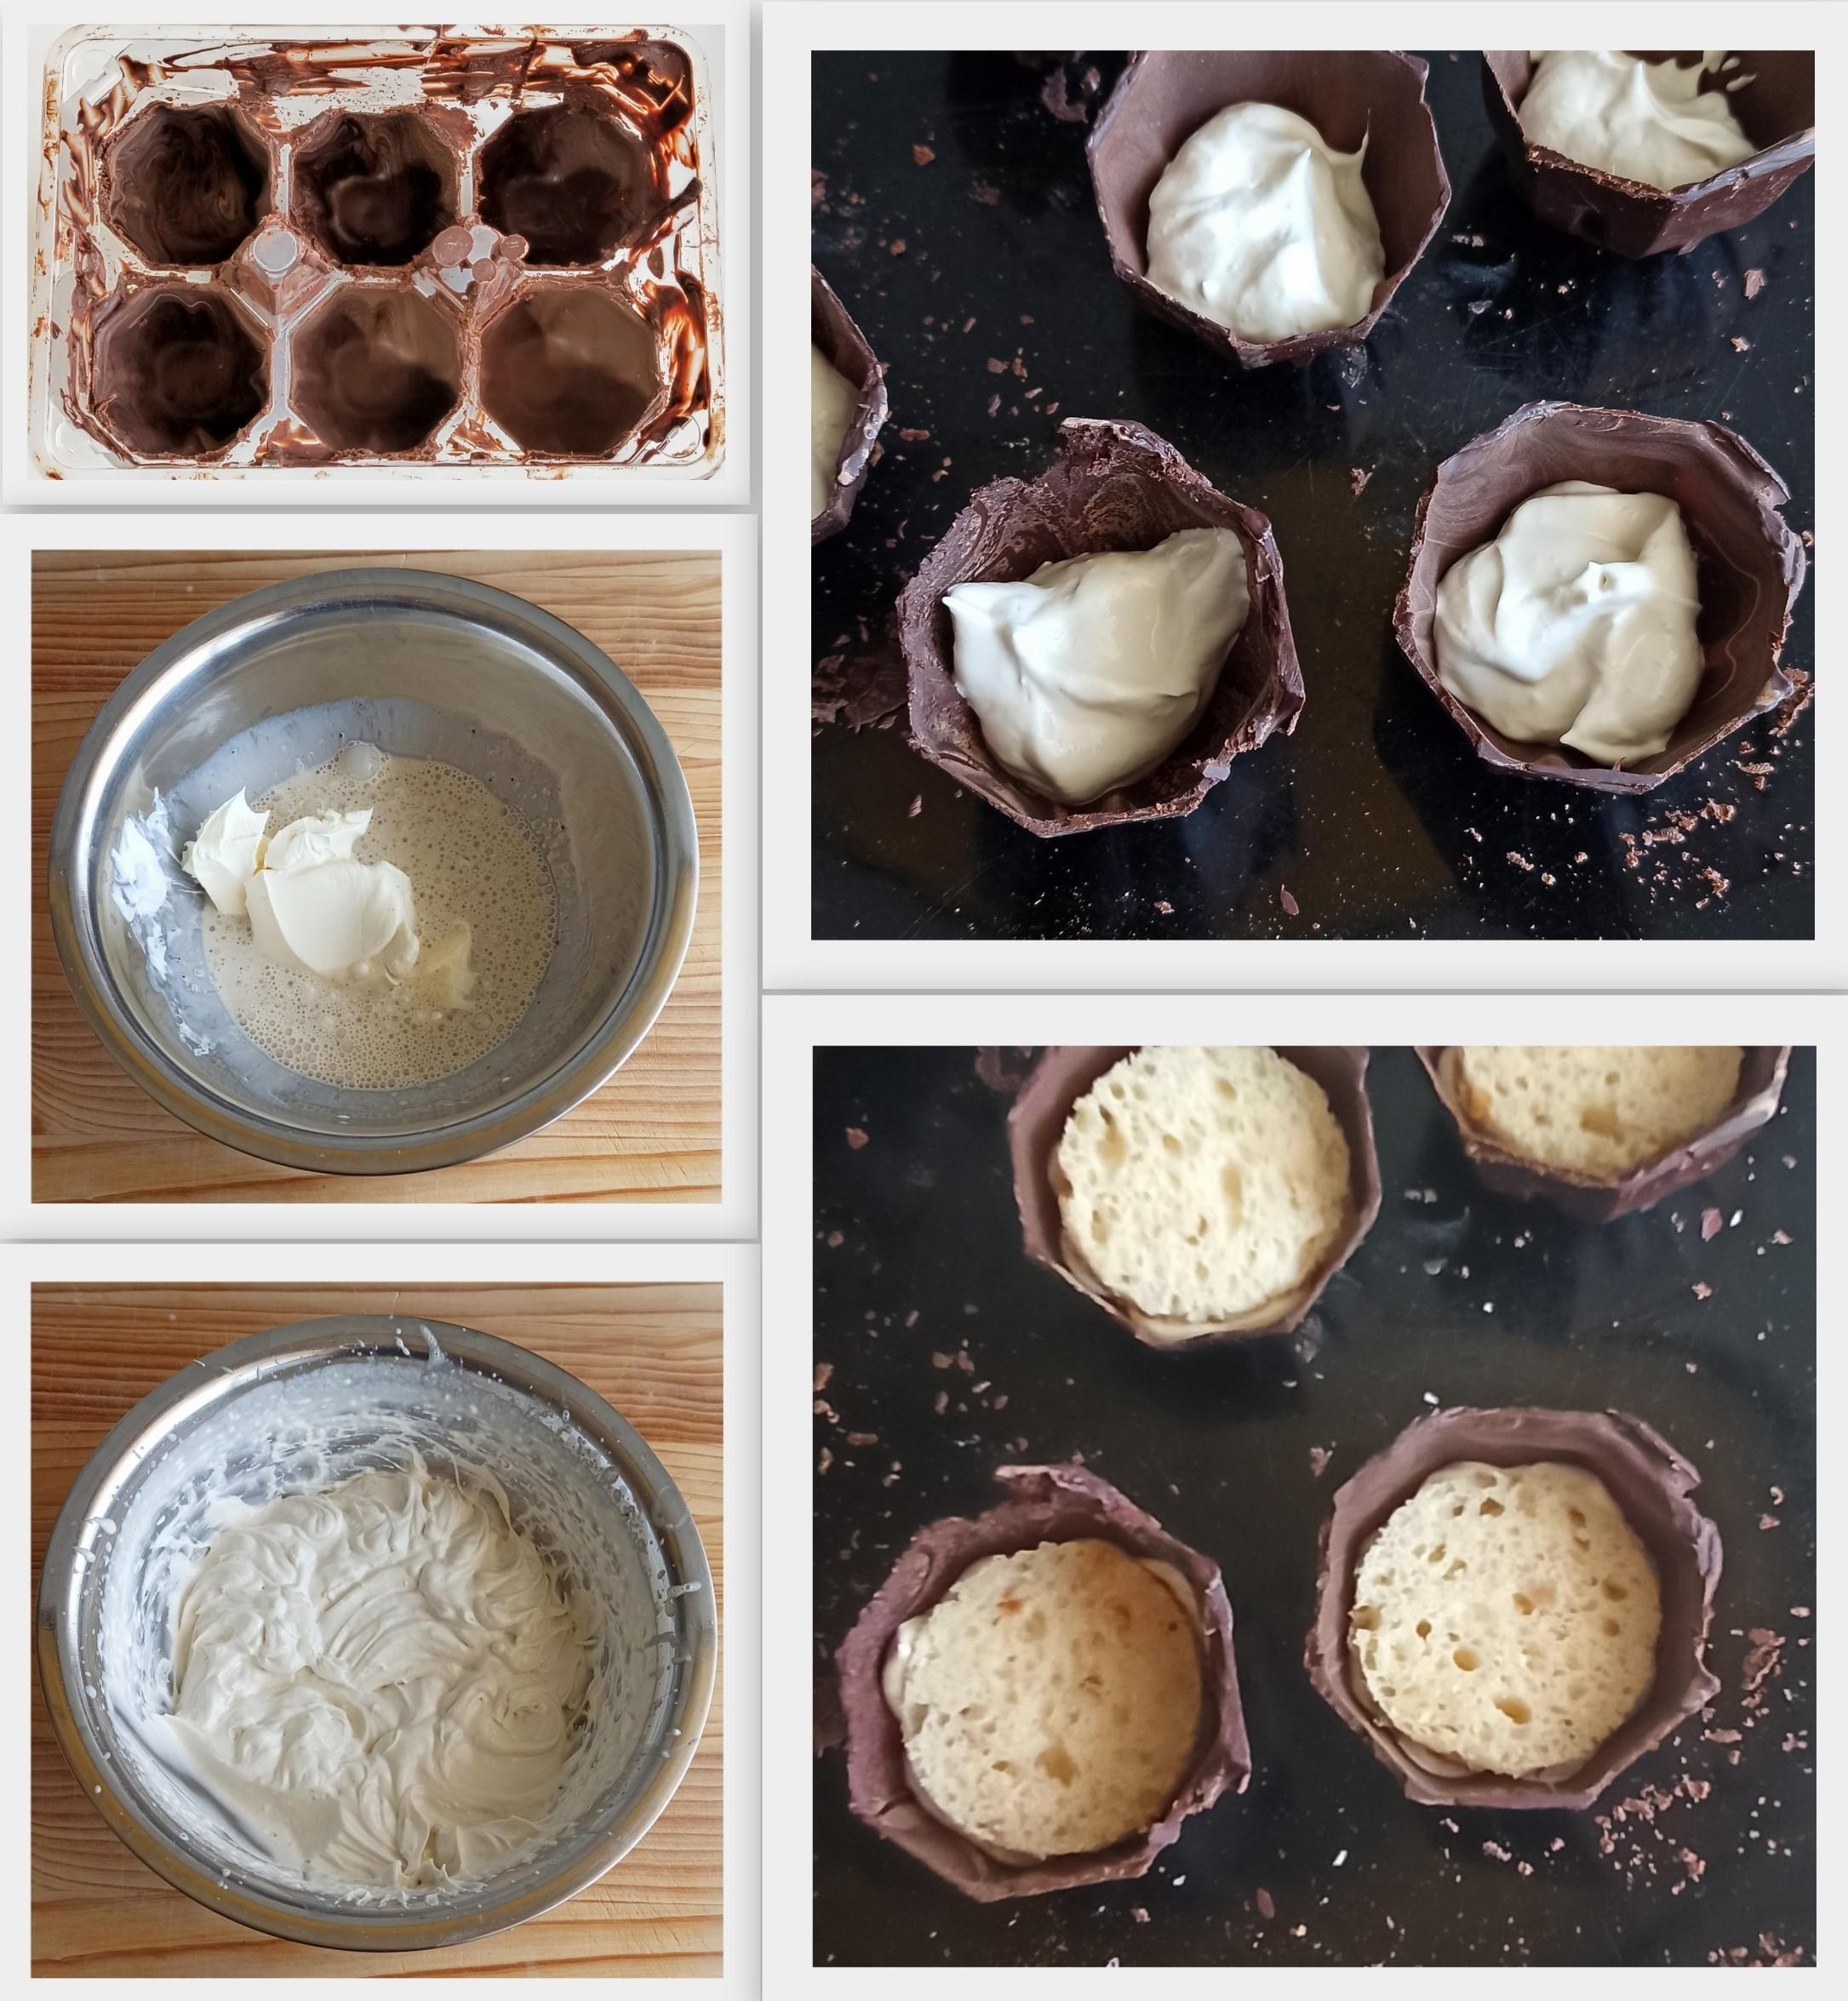 Cestini di cioccolato con crema al mascarpone senza glutine - La Cassata Celiaca